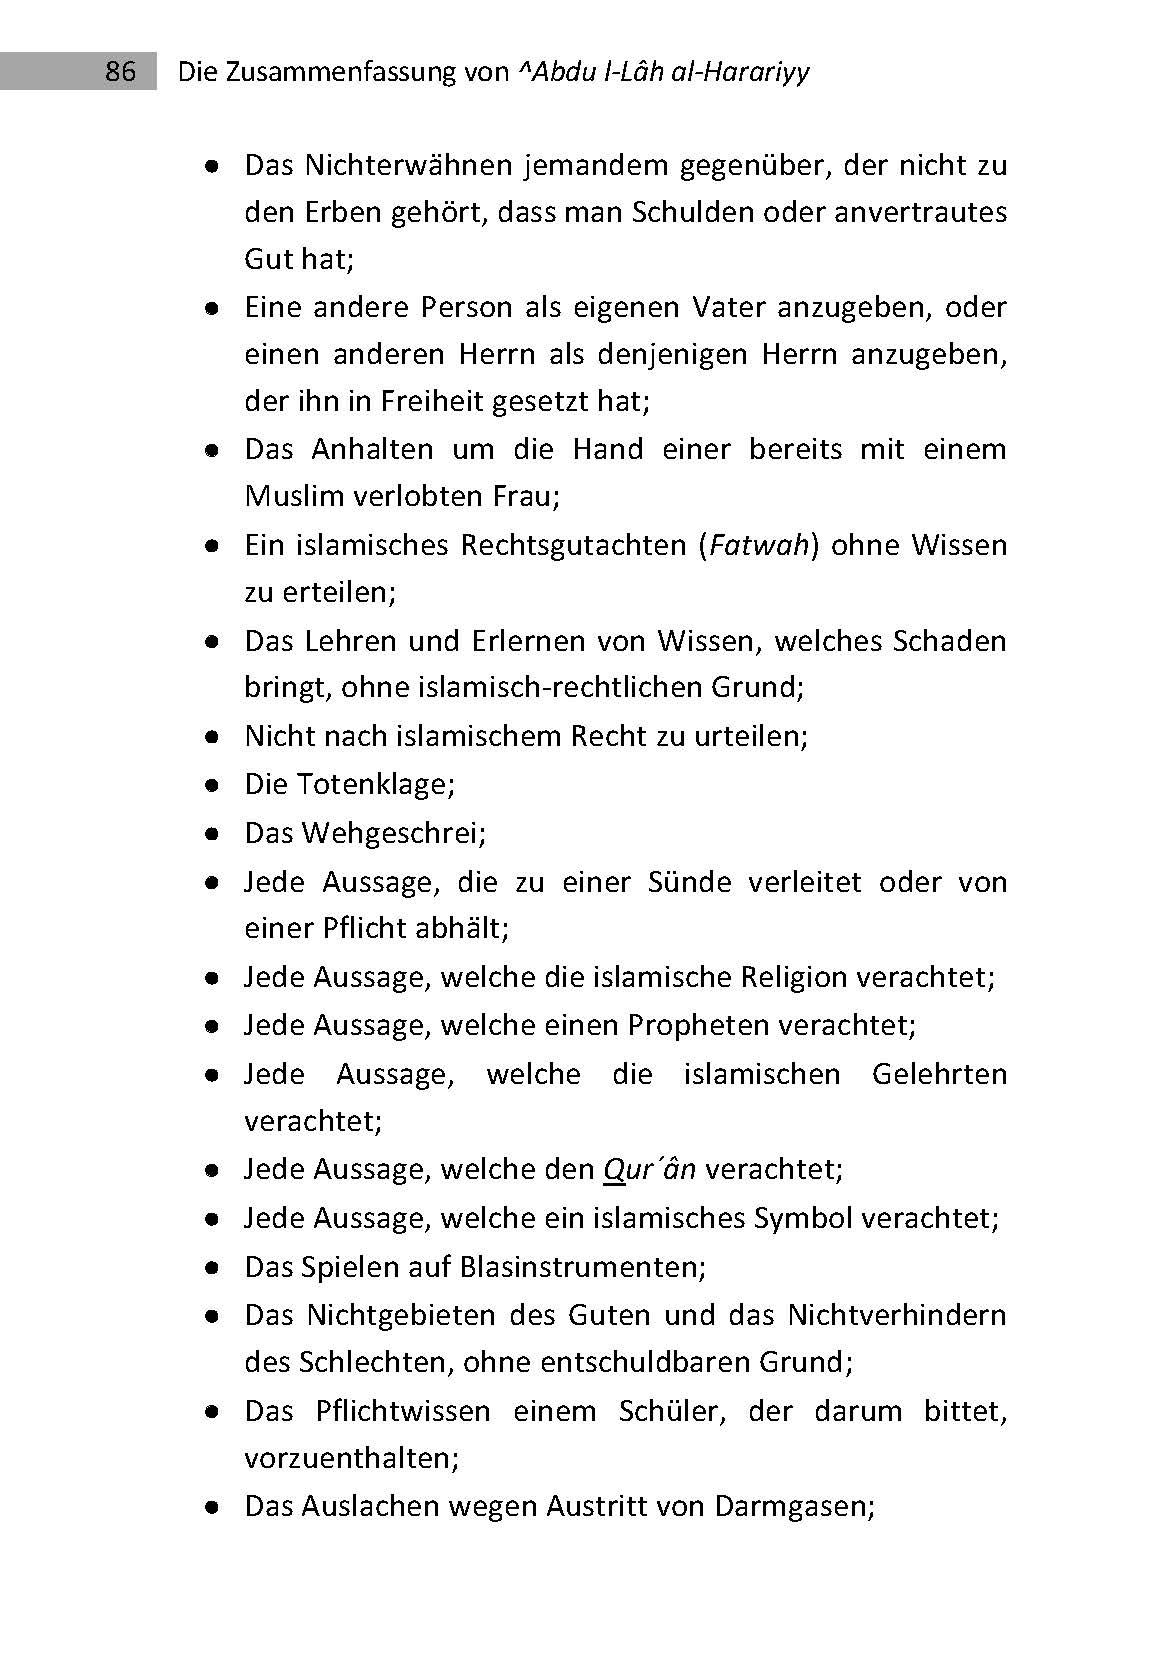 Die Zusammenfassung - 3. Auflage 2014_Seite_86